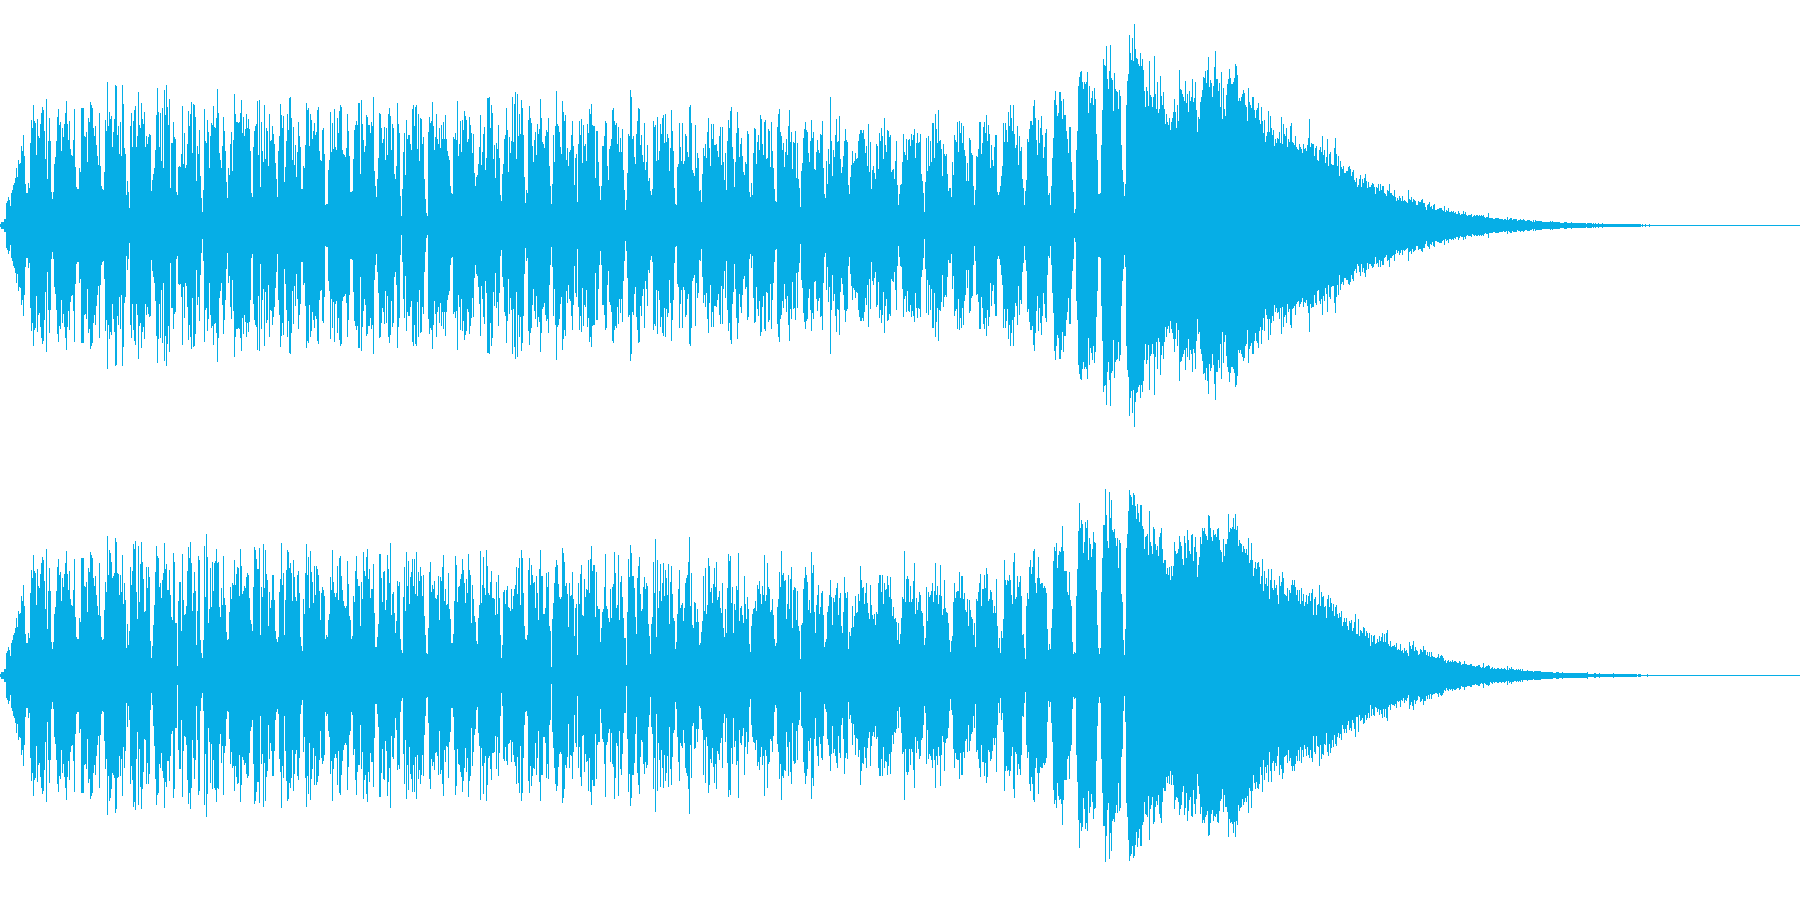 低音から高音へと変化するノイズサウンド…の再生済みの波形